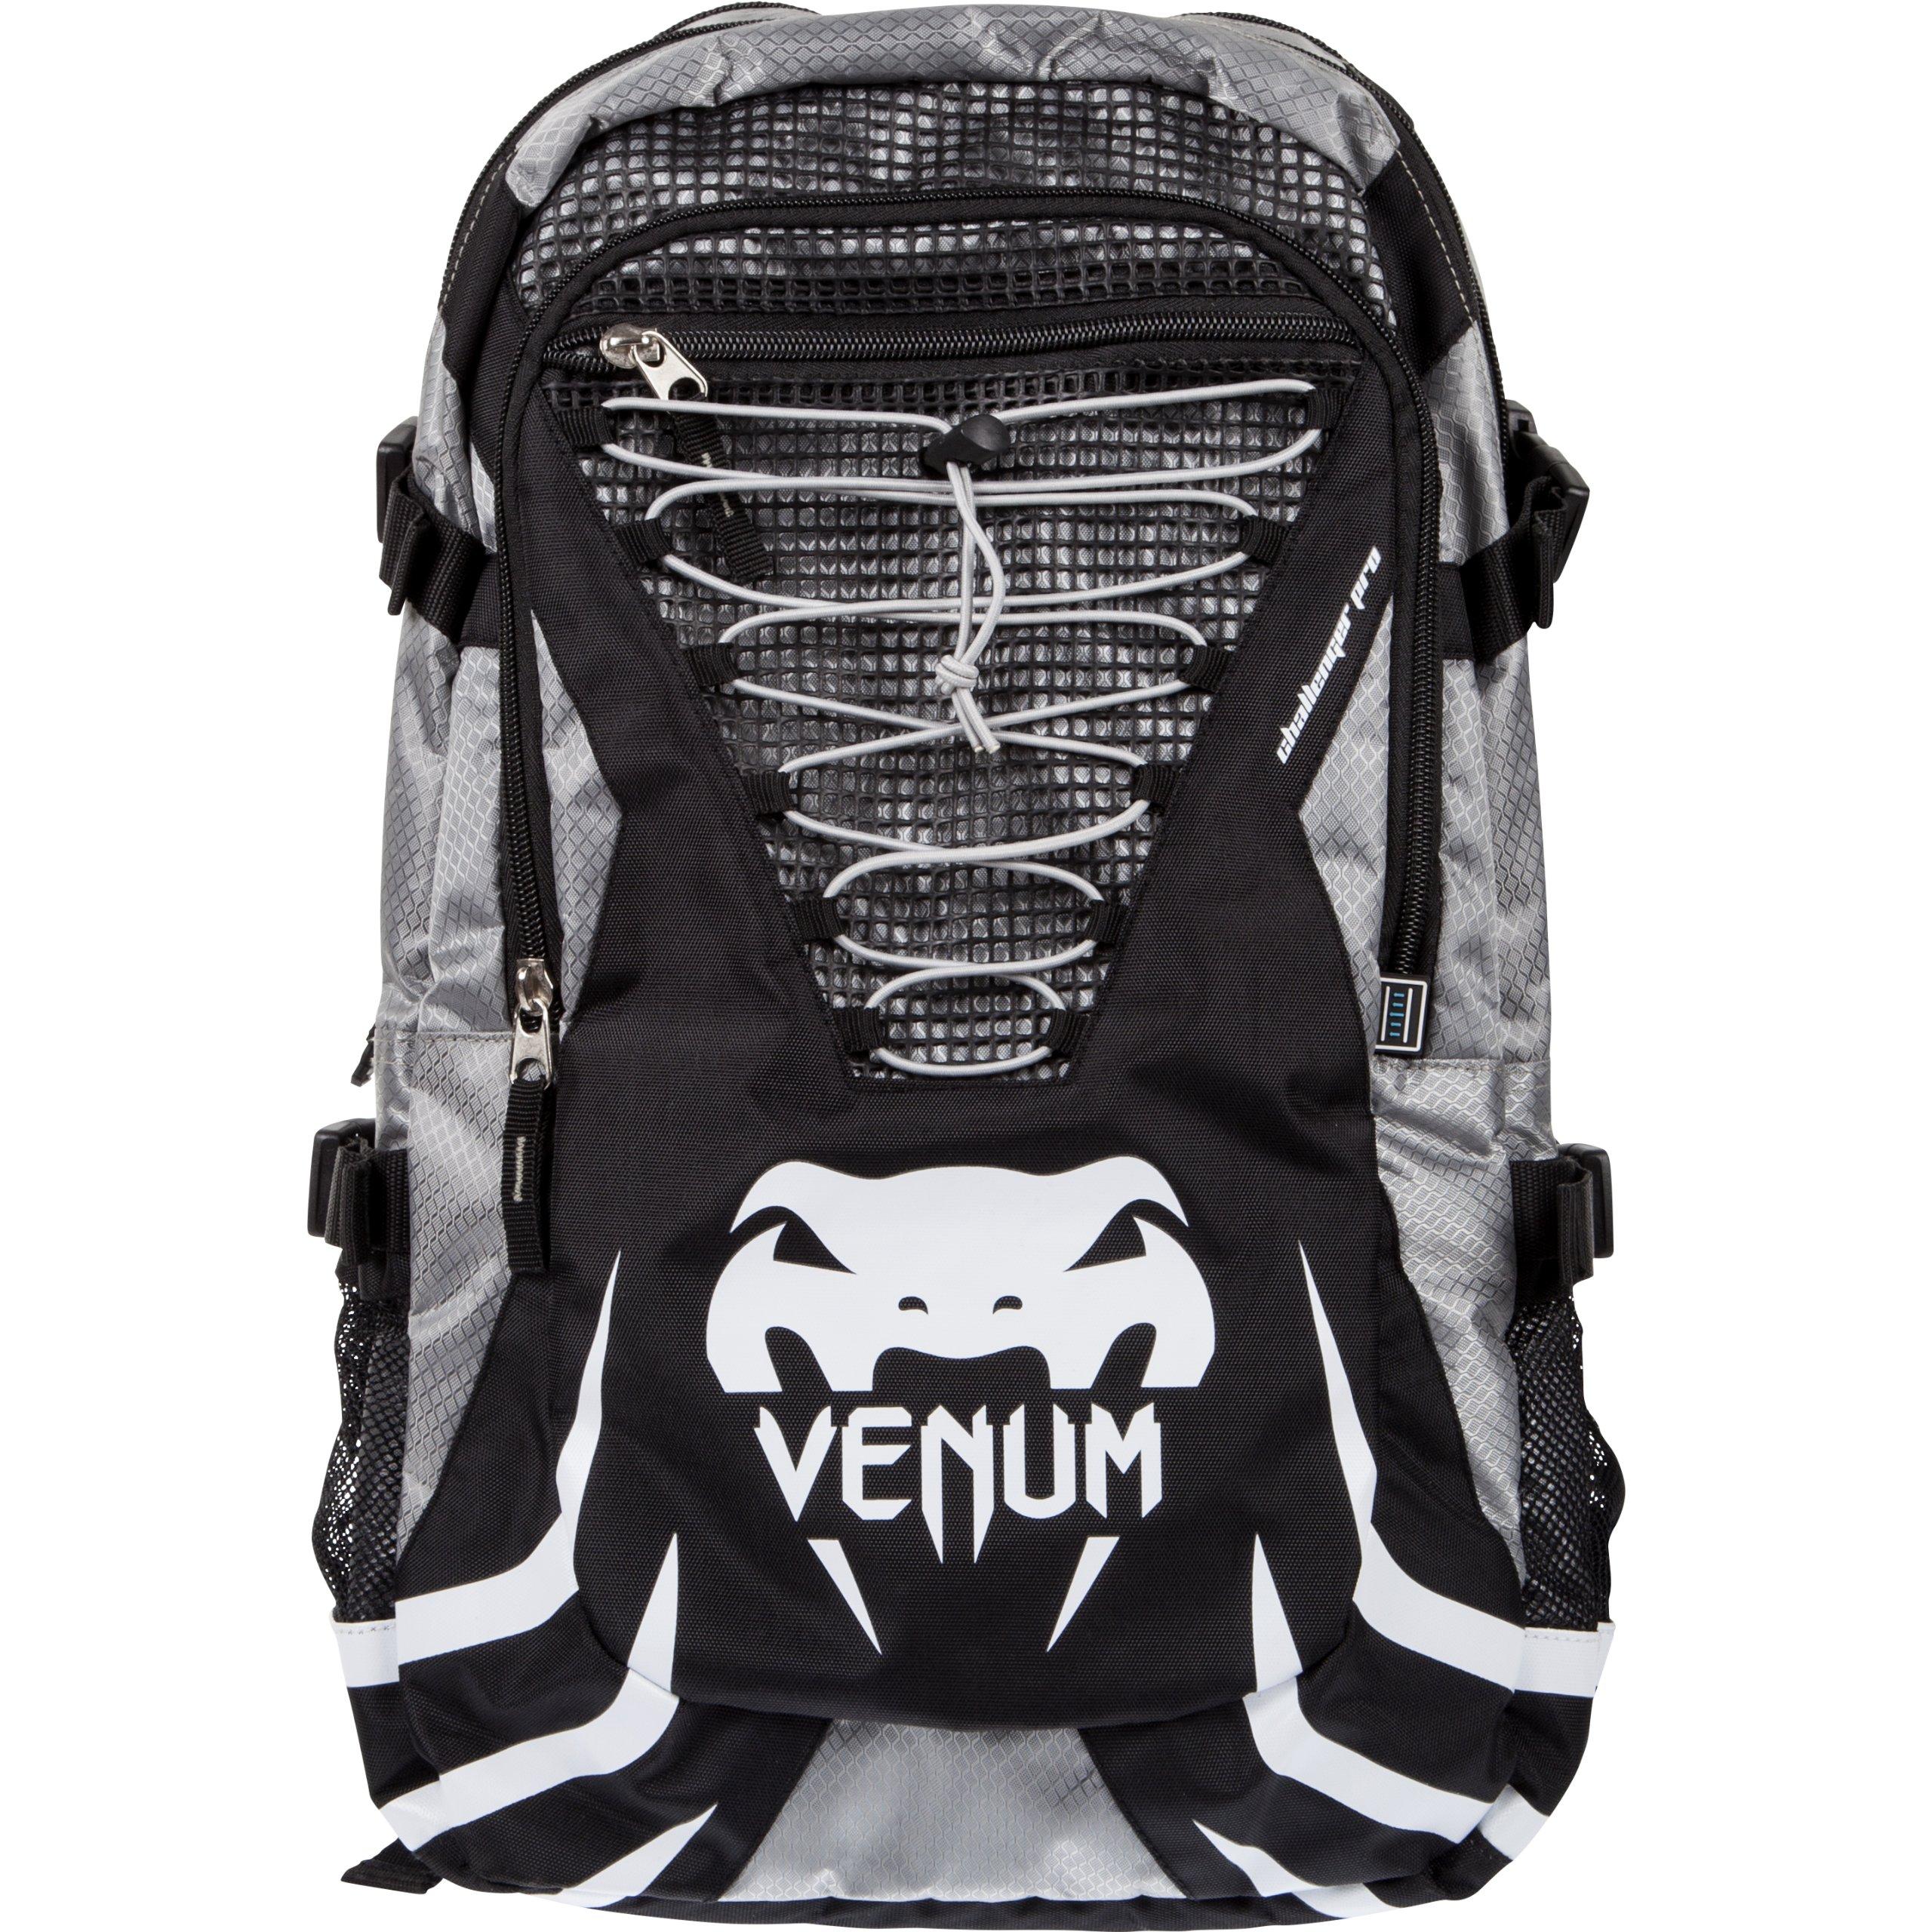 Venum ''Challenger Pro Backpack, Black/Grey